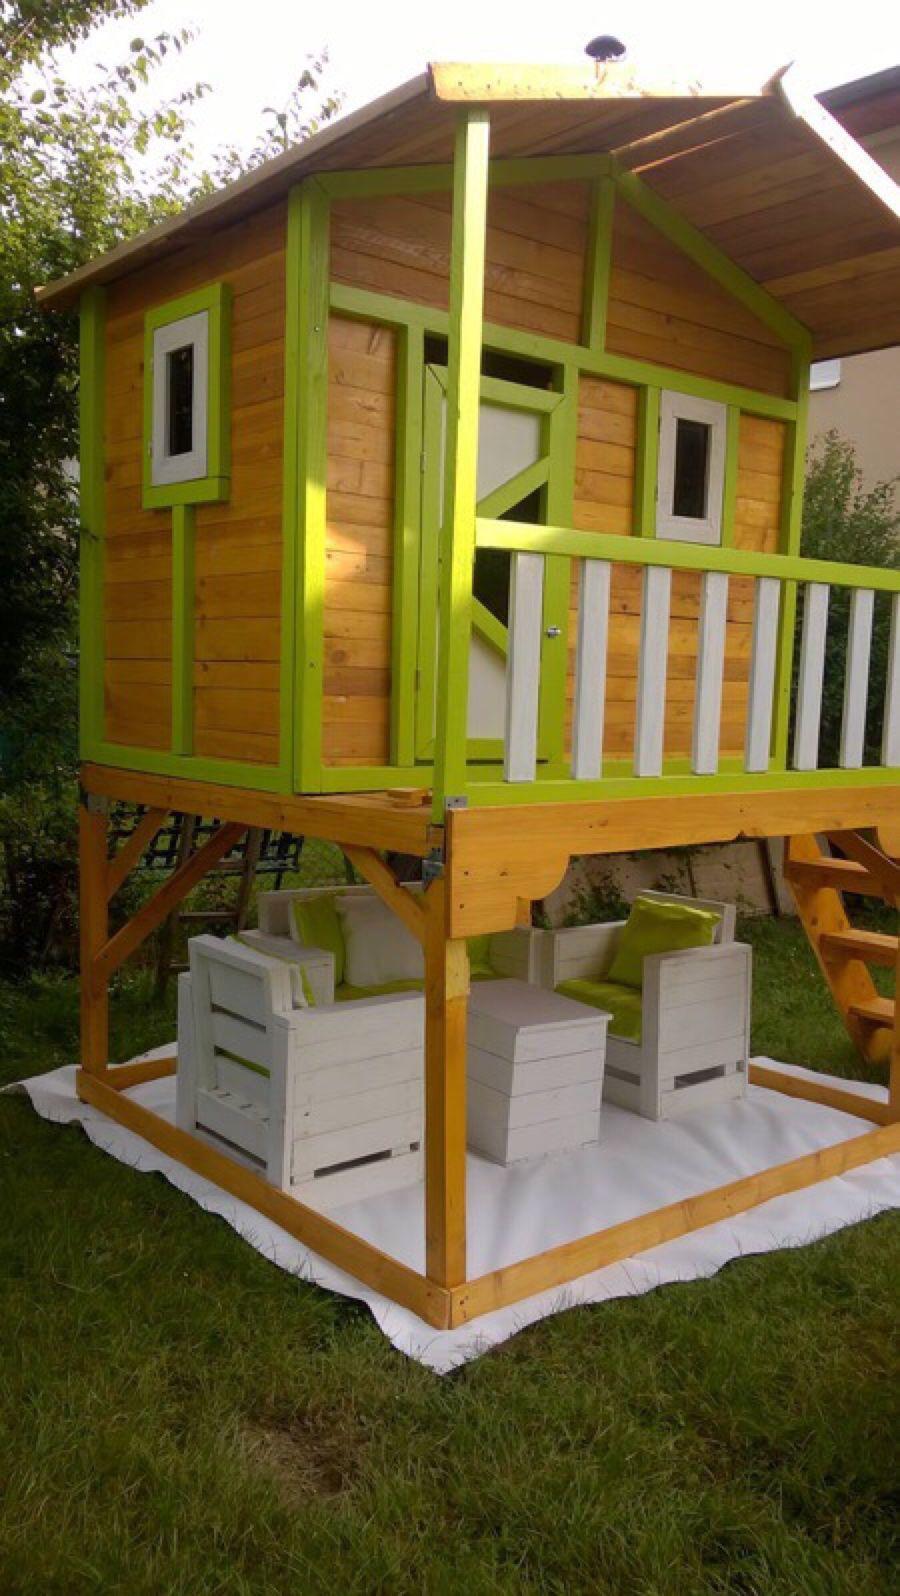 Petite Cabane De Jardin Pour Les Enfants | Petite Cabane De ... à Cabane De Jardin Pour Enfants